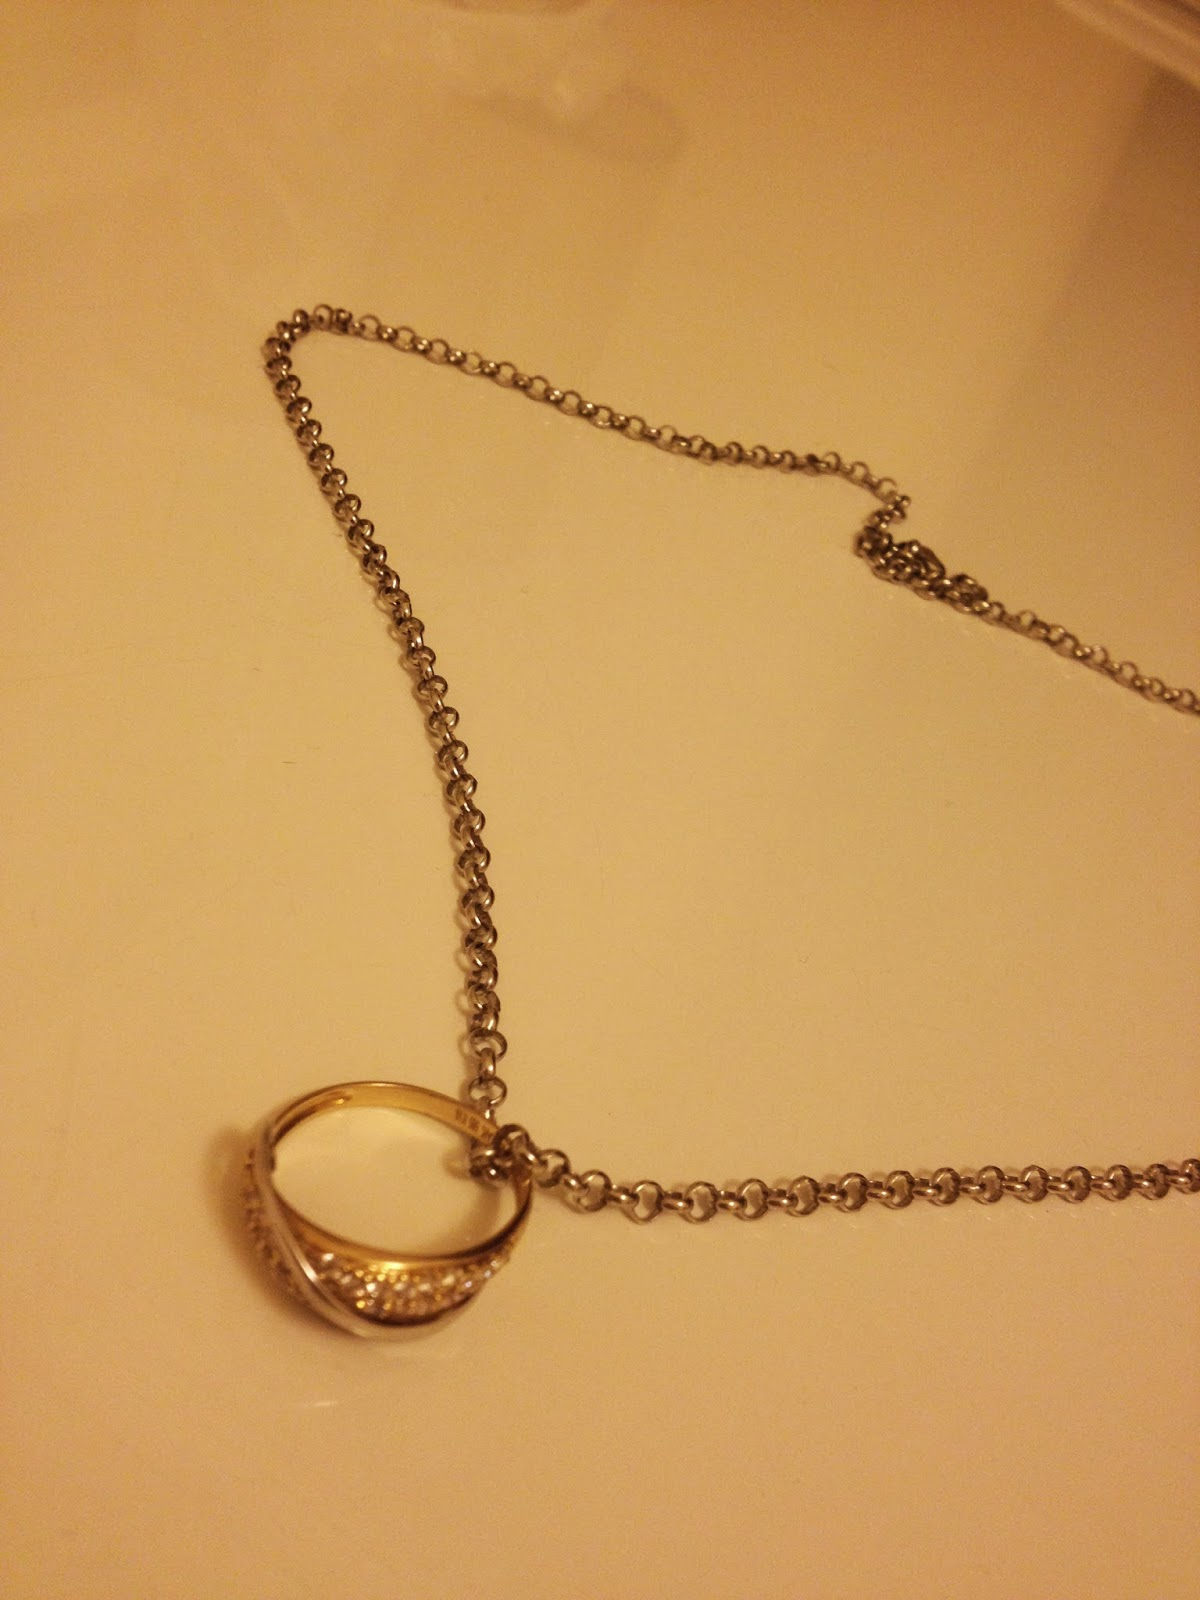 アゼルバイジャン人からの婚約指輪